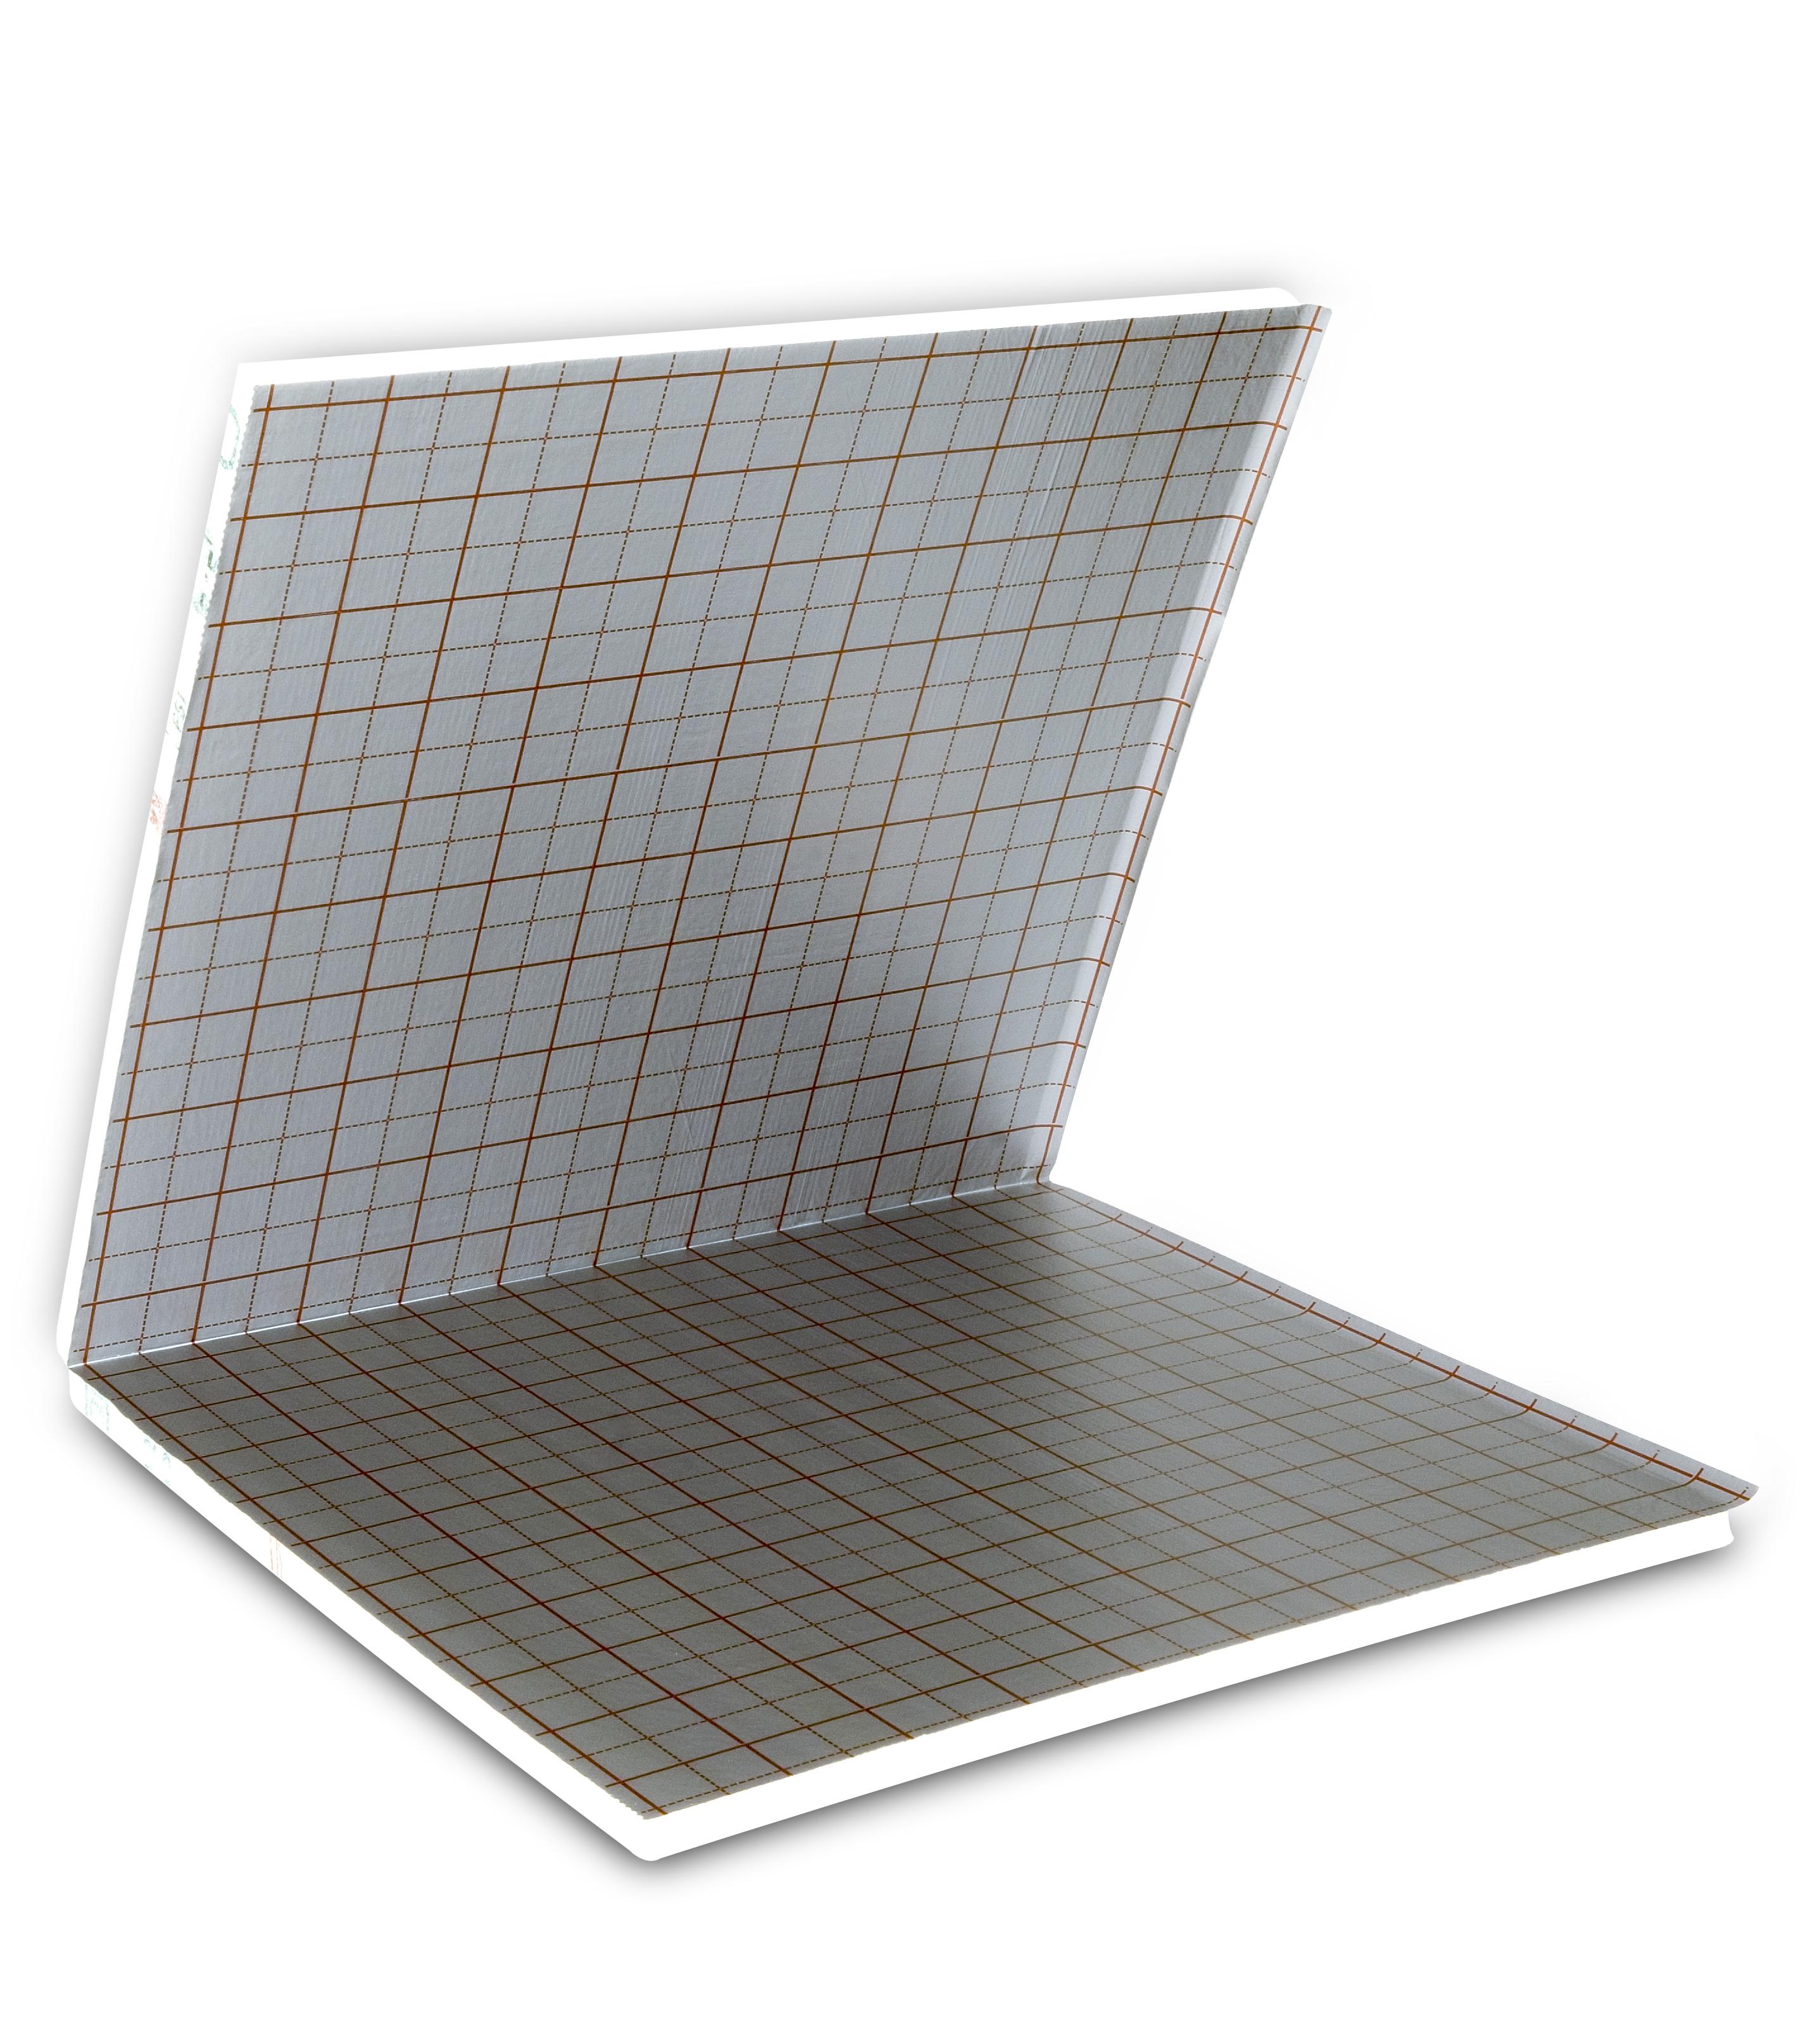 thermodämm protec faltplatte eps045 des sm 2000x1000x30-3 mm, wlg045